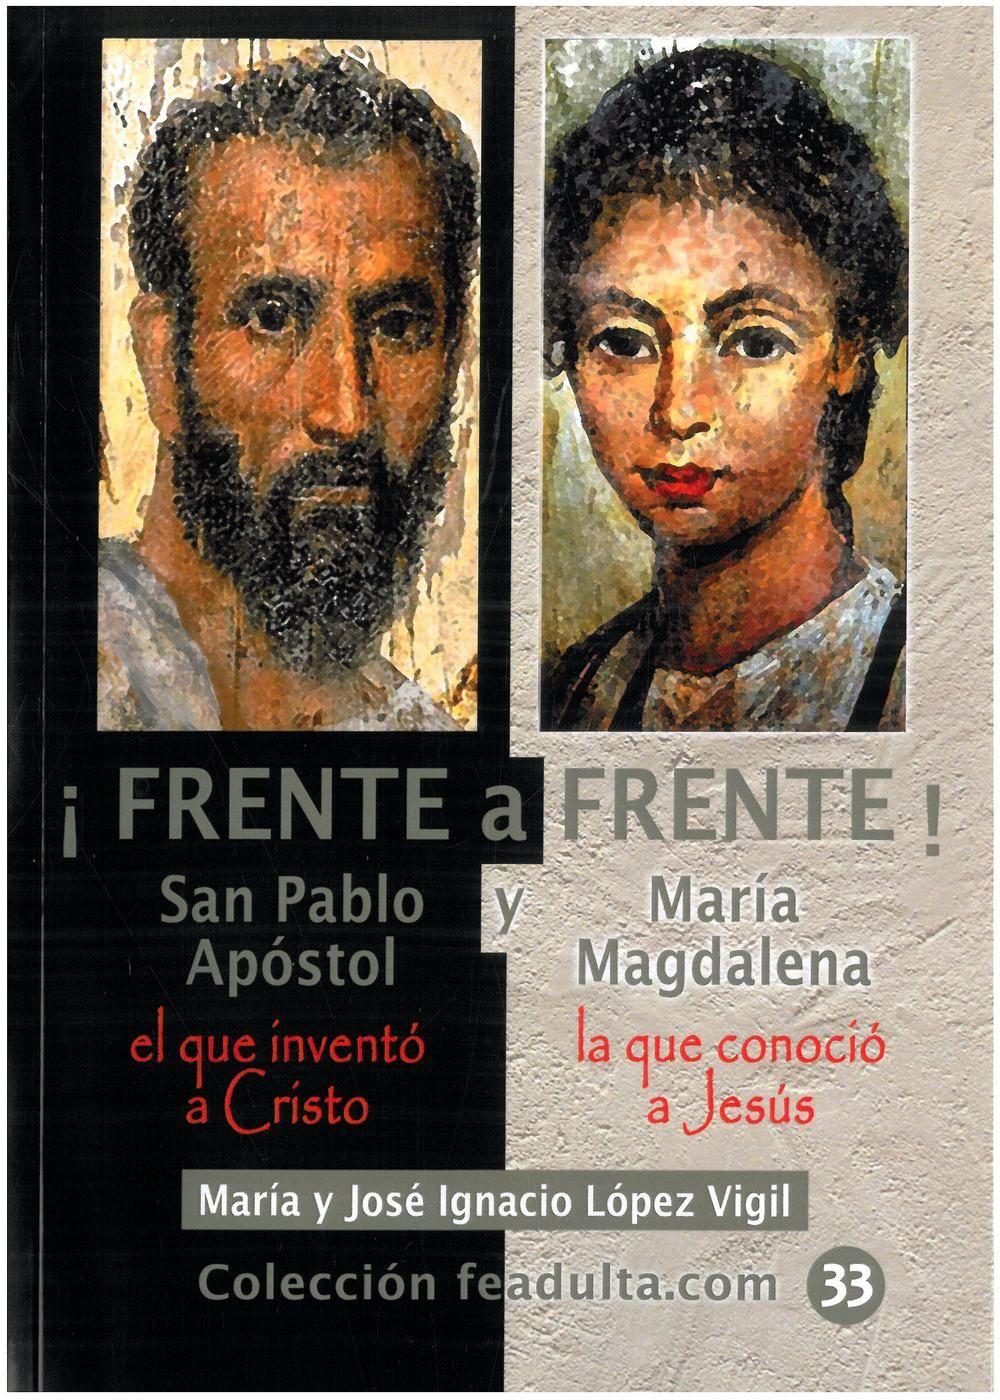 ¡FRENTE A FRENTE! SAN PABLO Y MARÍA MAGDALENA